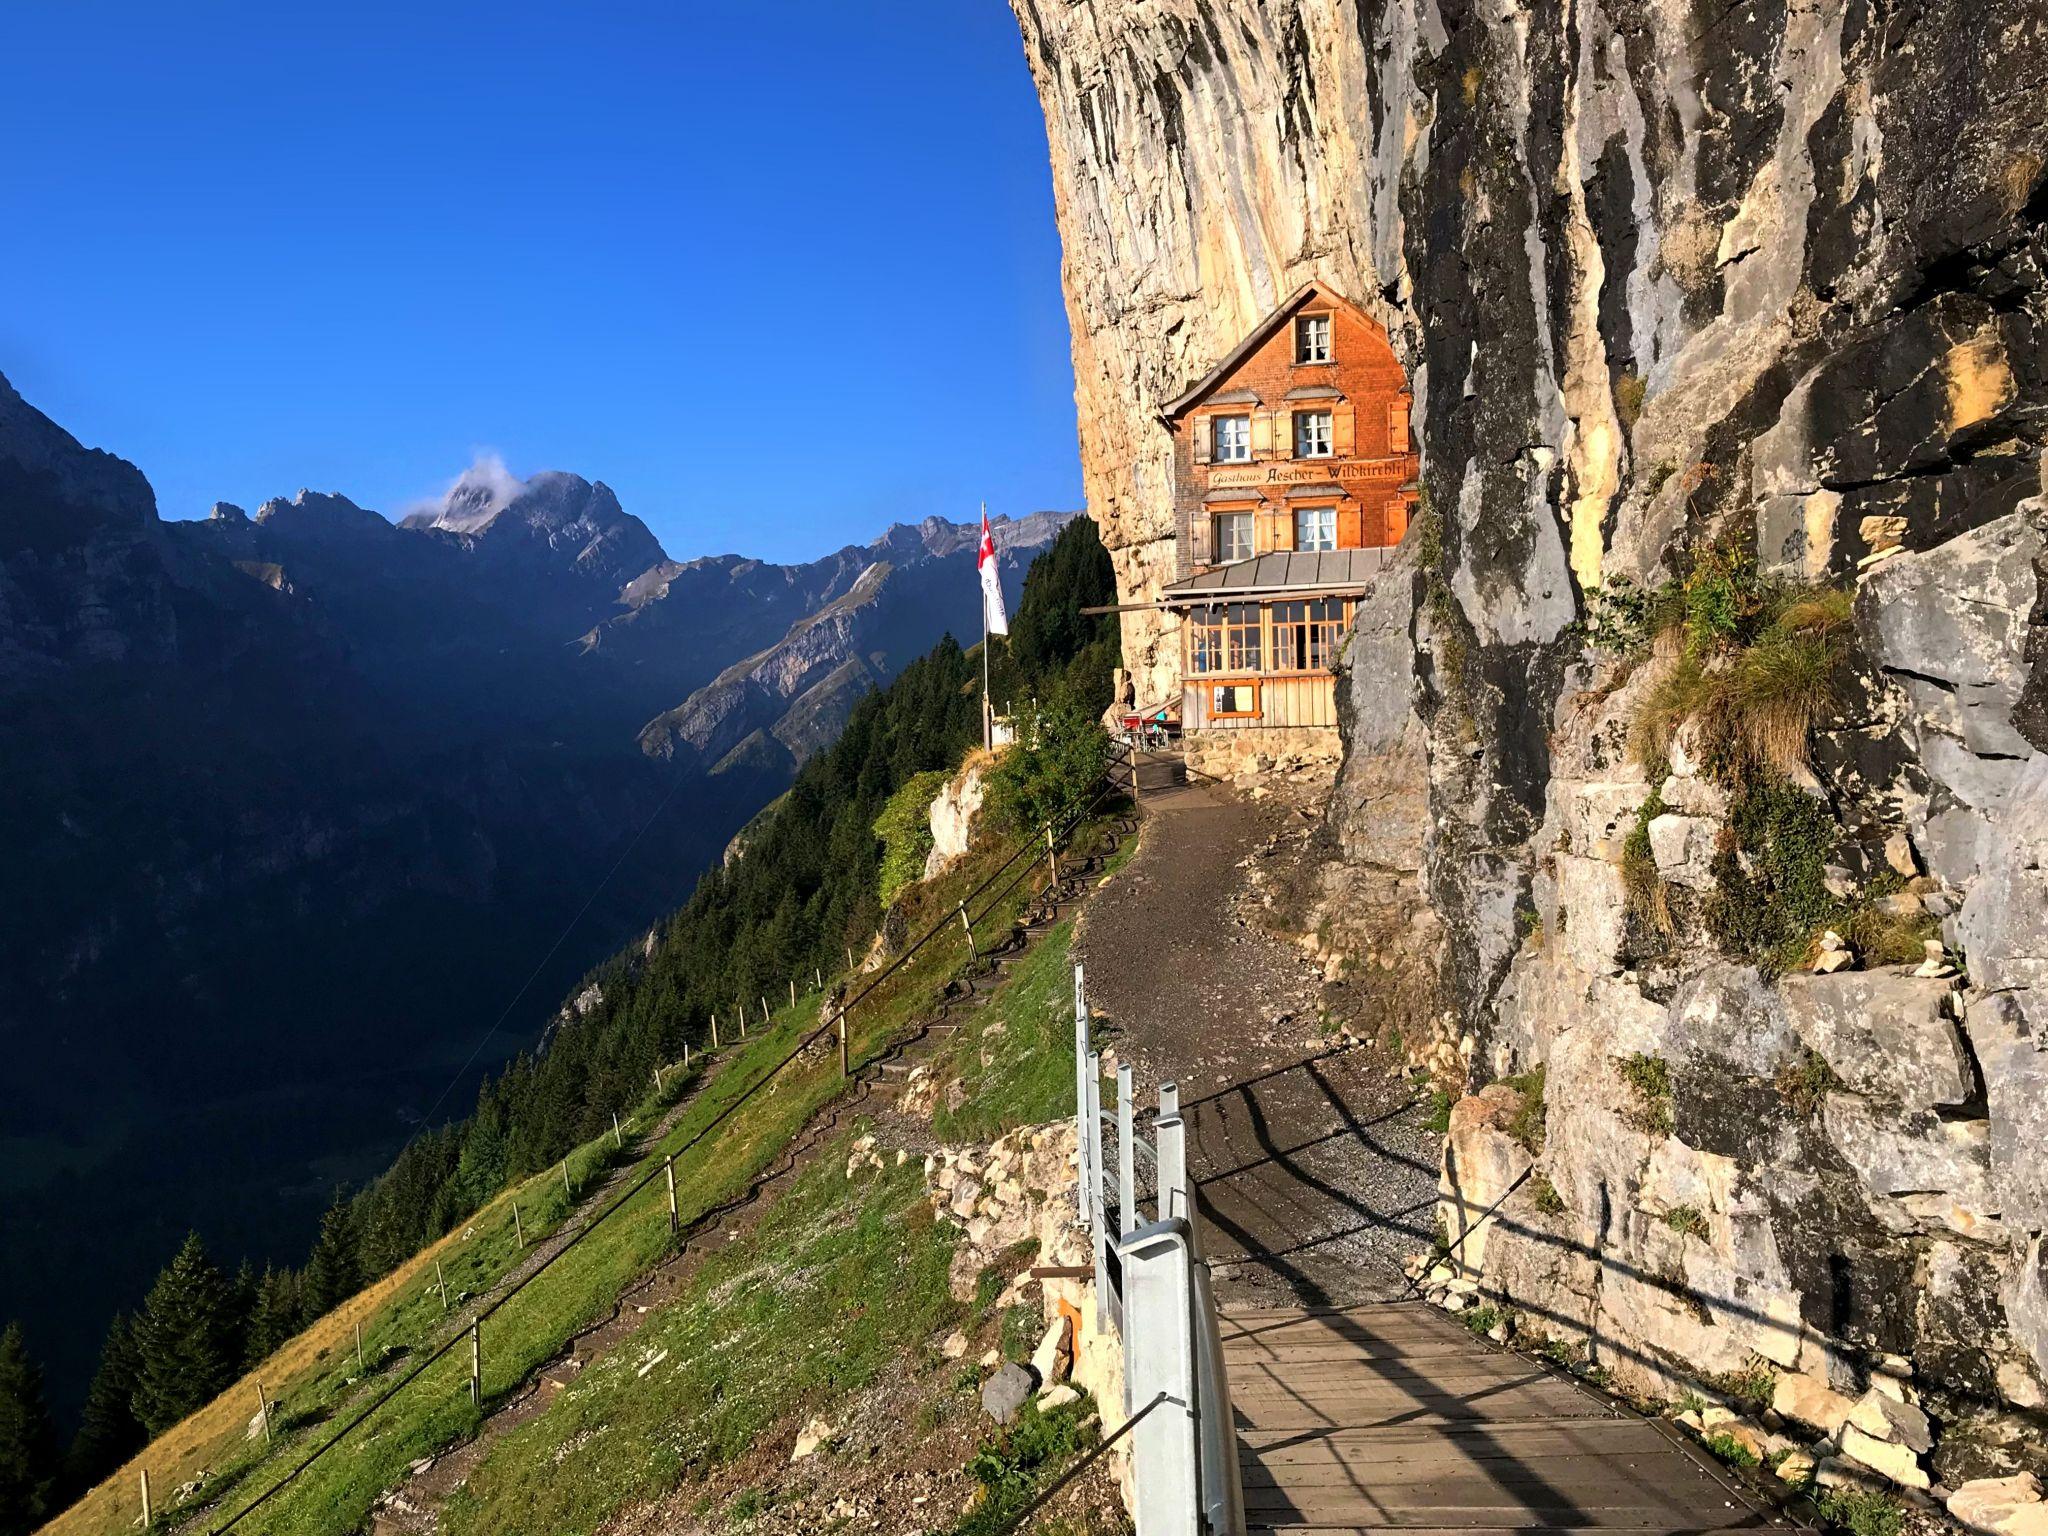 Berggasthaus Äscher, Ebenalp, Switzerland